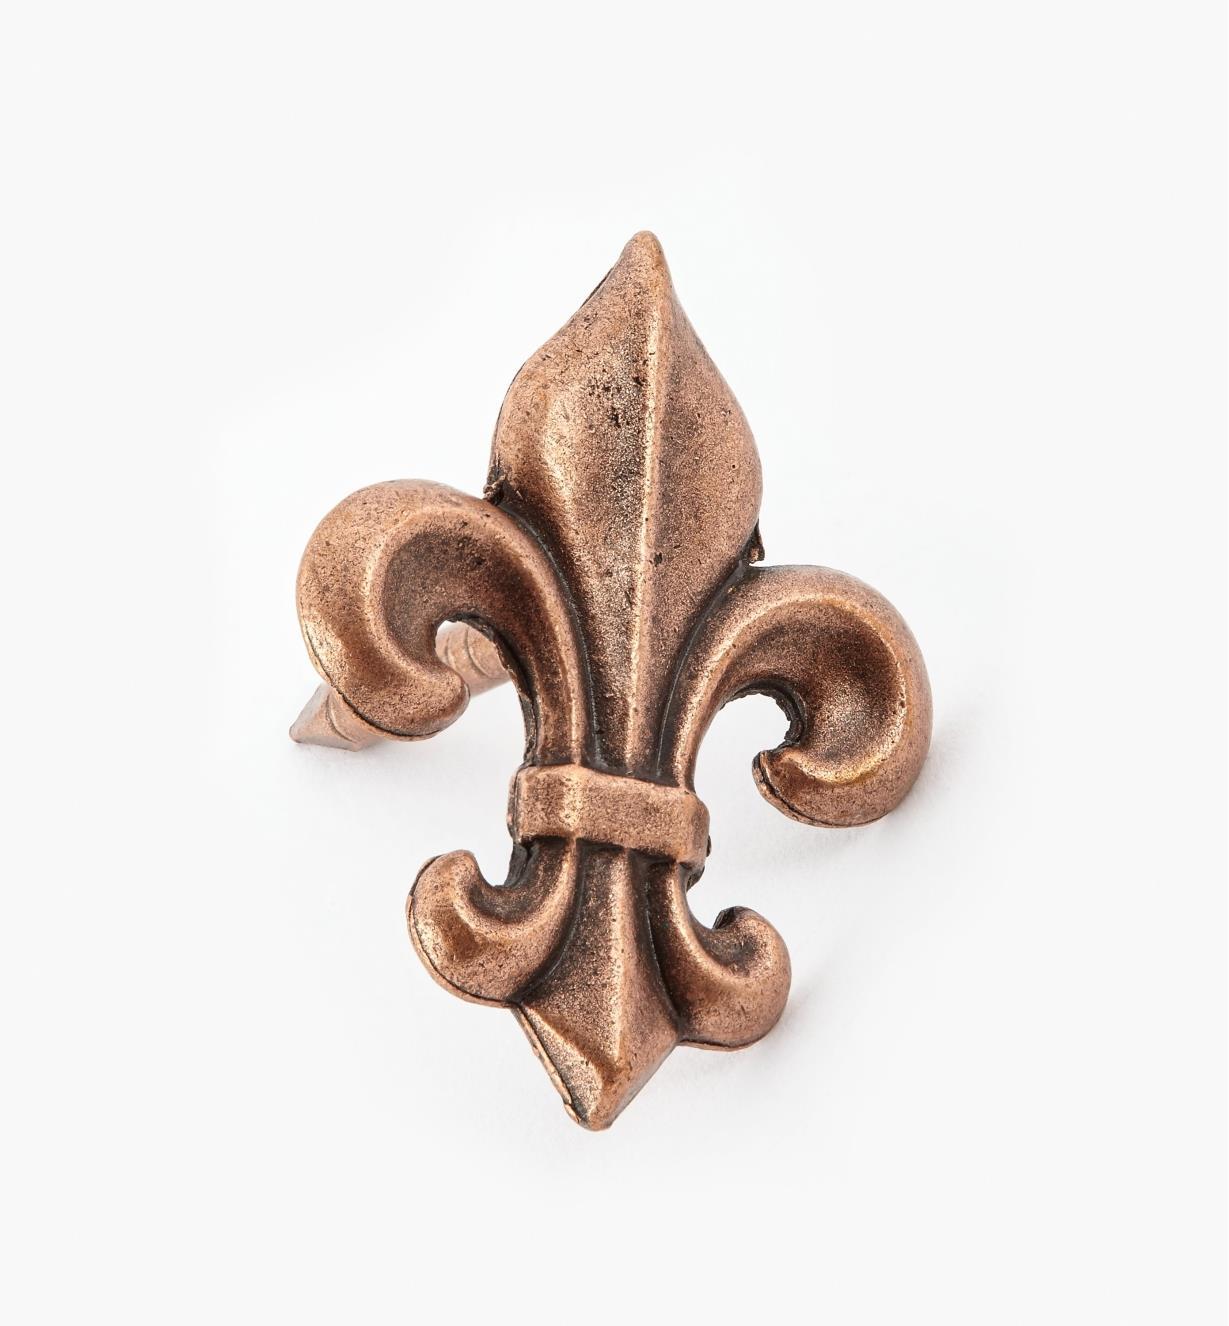 00T0956 - Clou décoratif en fleur de lys, fini cuivre antique, 1 1/4 po x 3/4 po, l'unité